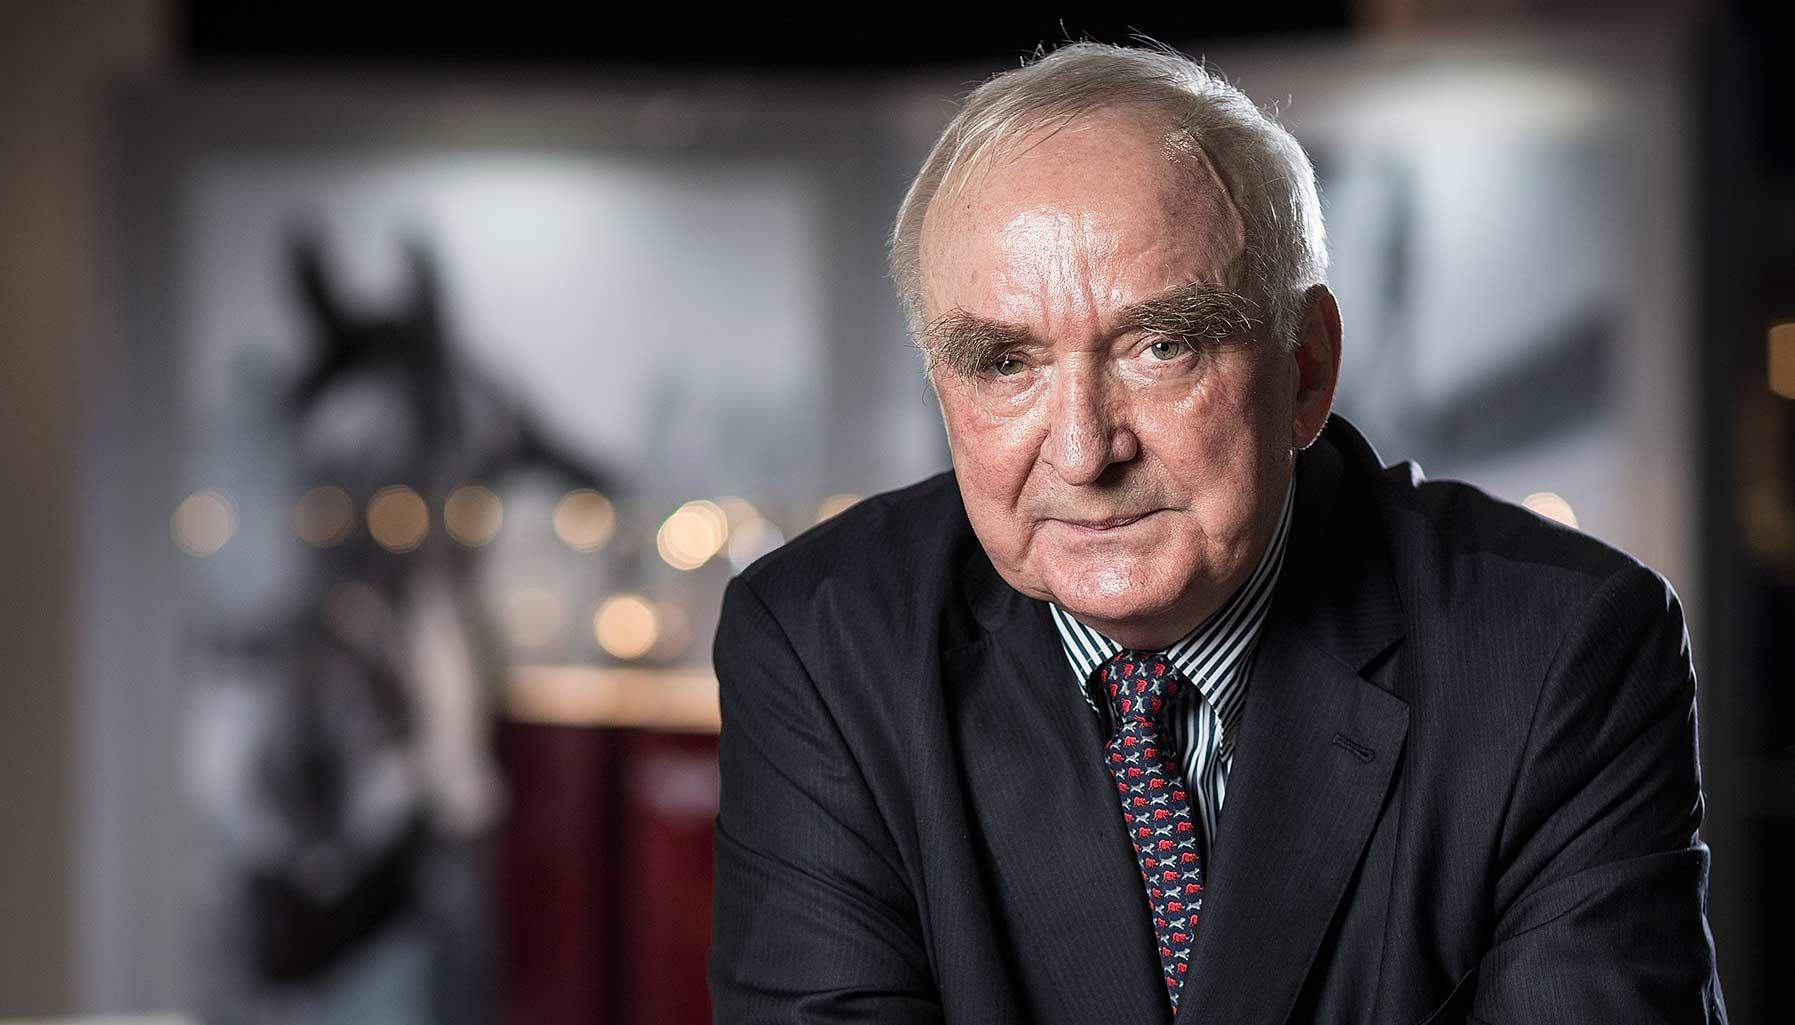 Walter von Kanel, CEO of Longines